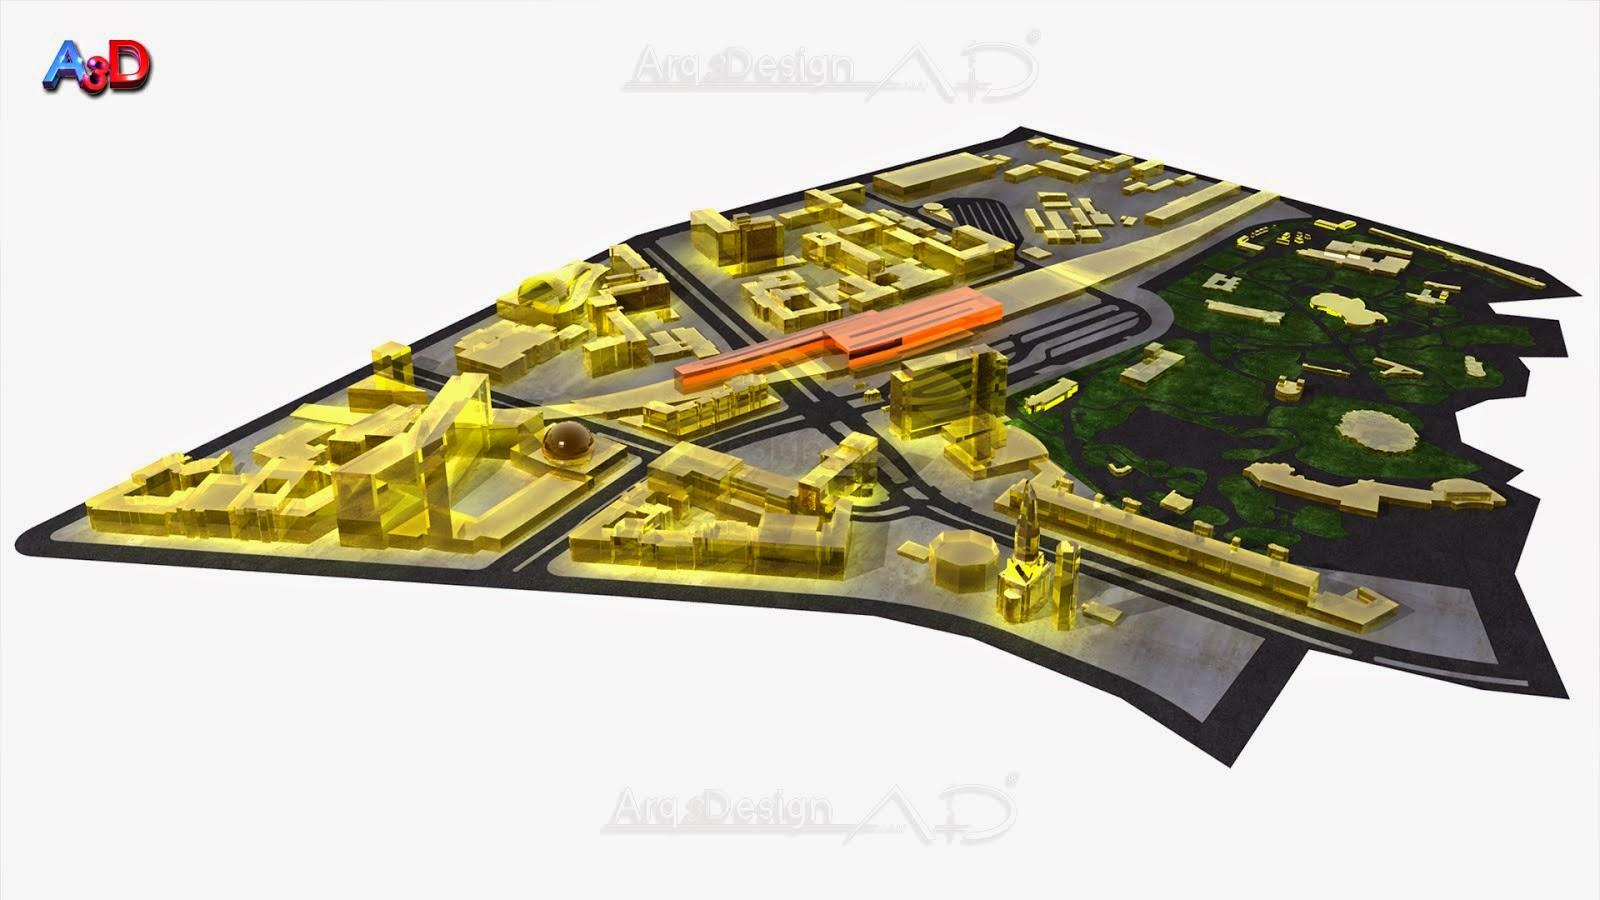 Maqueta 3D Salamanca A3D Arq3design